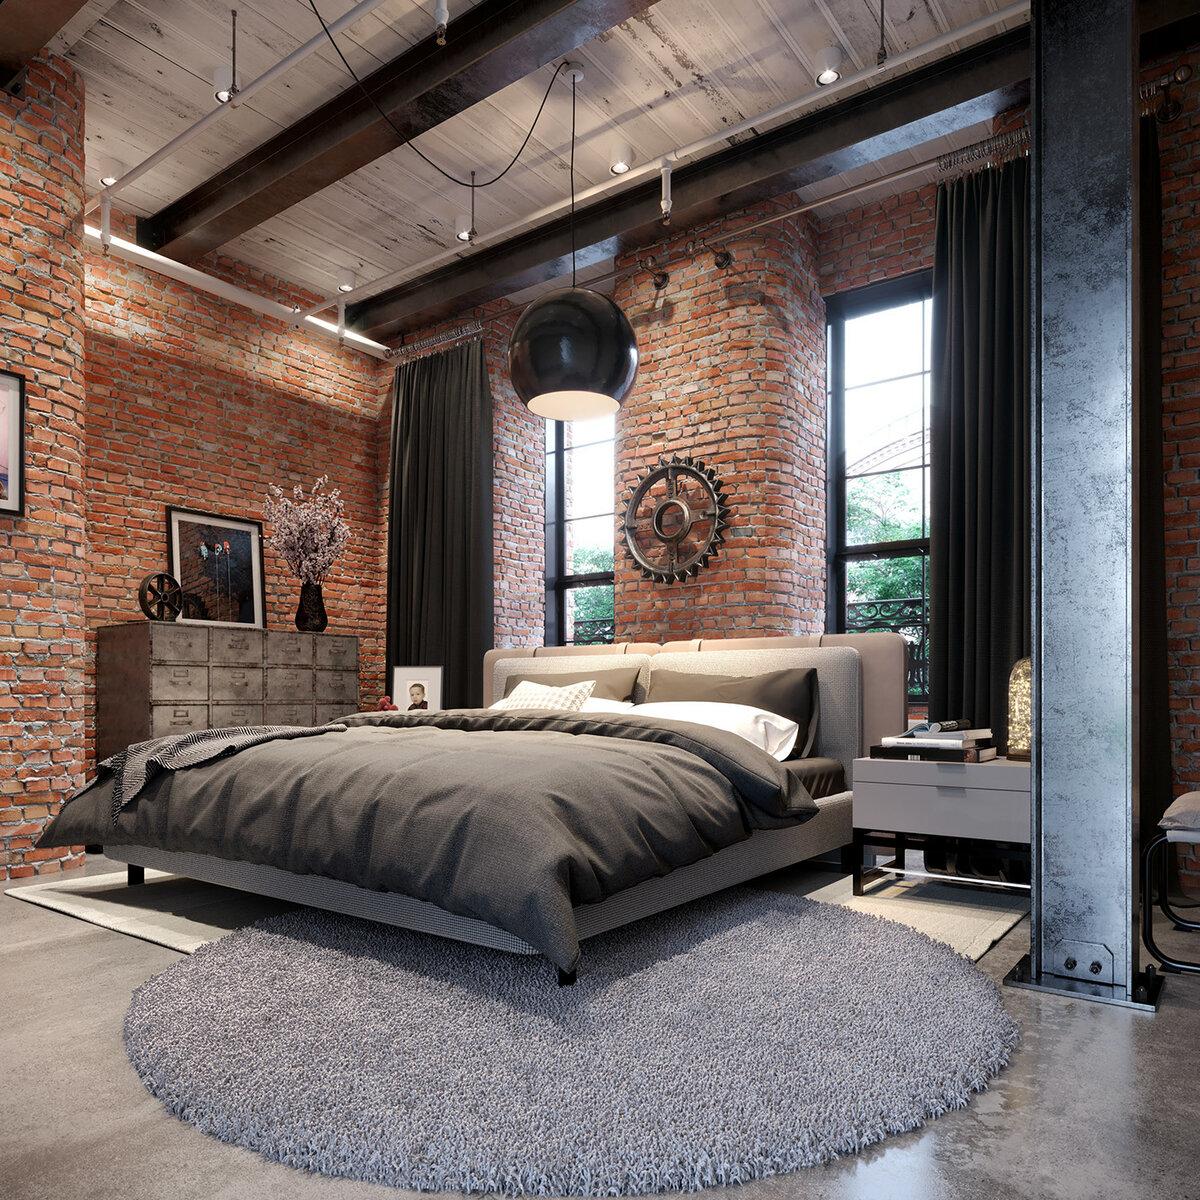 Спальня в стиле лофт — 105 фото идей декора и интересные варианты создания современного красивого интерьера и дизайна